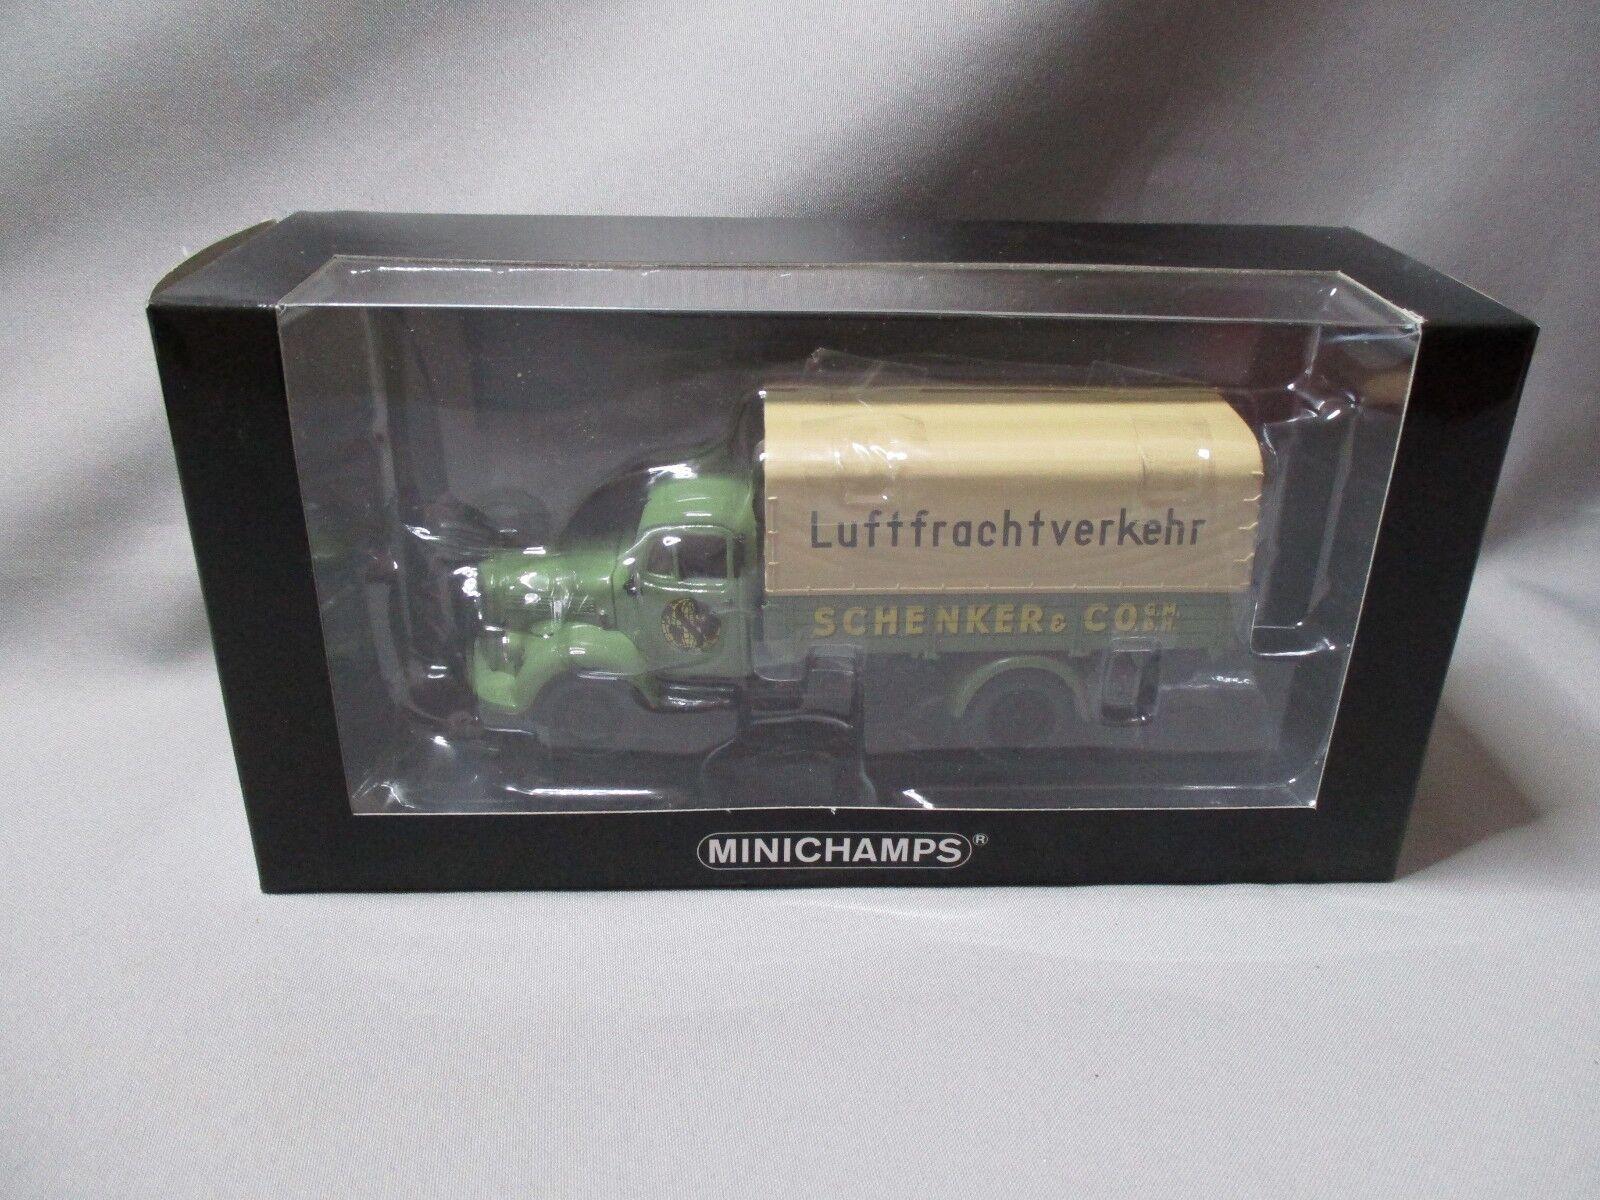 DV8102 MINICHAMPS 1 43 MERCEDES BENZ L3500 SCHENKER 1950 439350028 Ed Lim